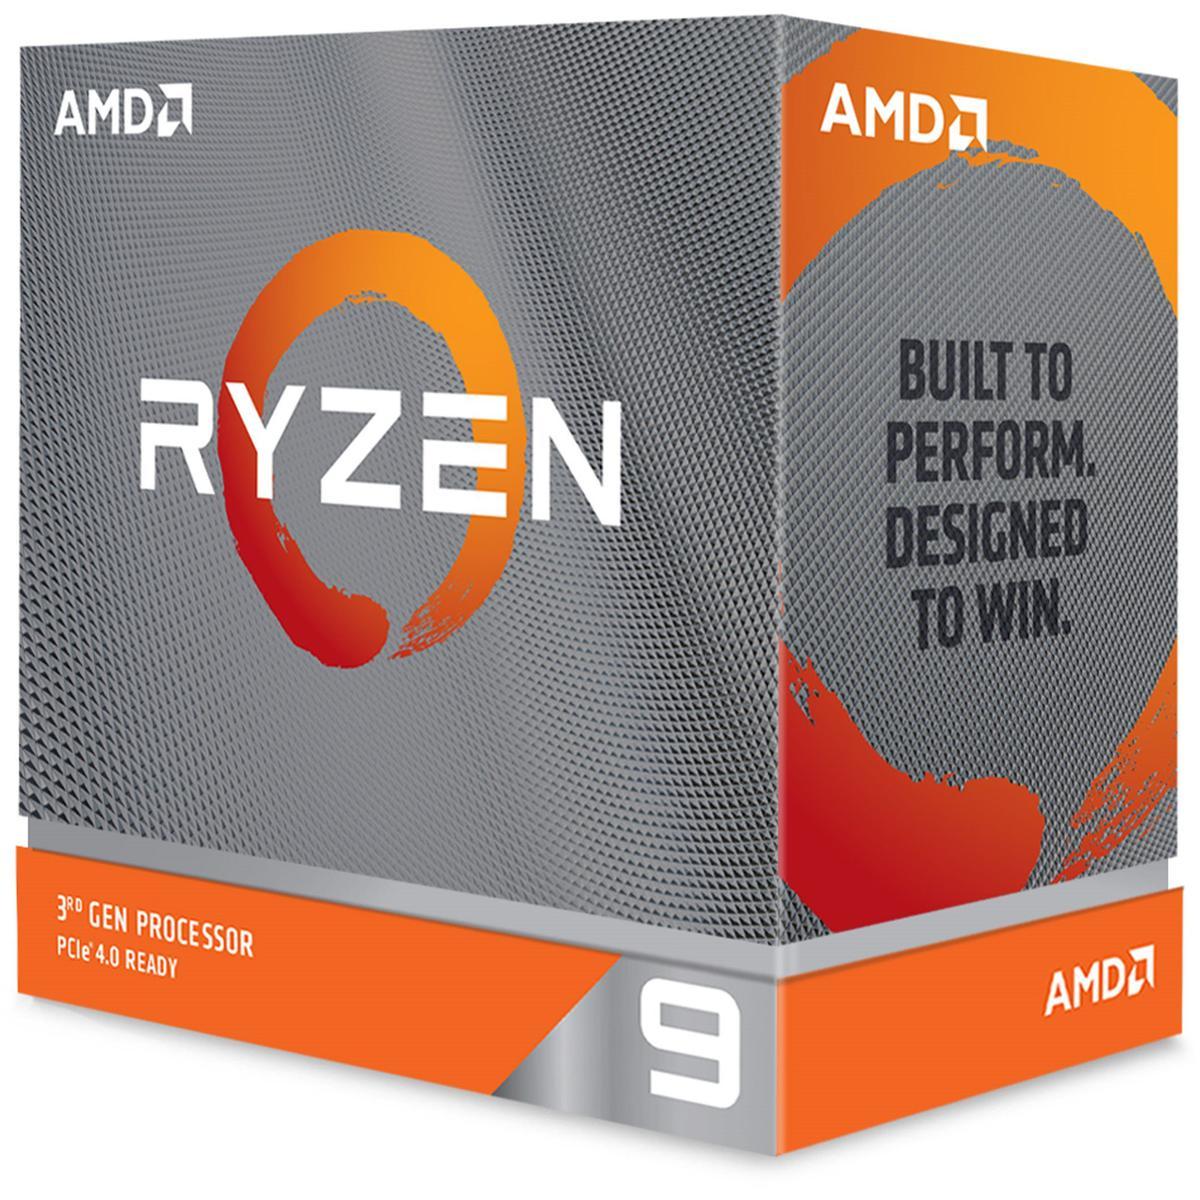 AMD Ryzen 9 3900XT 3.8 GHz 12-Core Processor